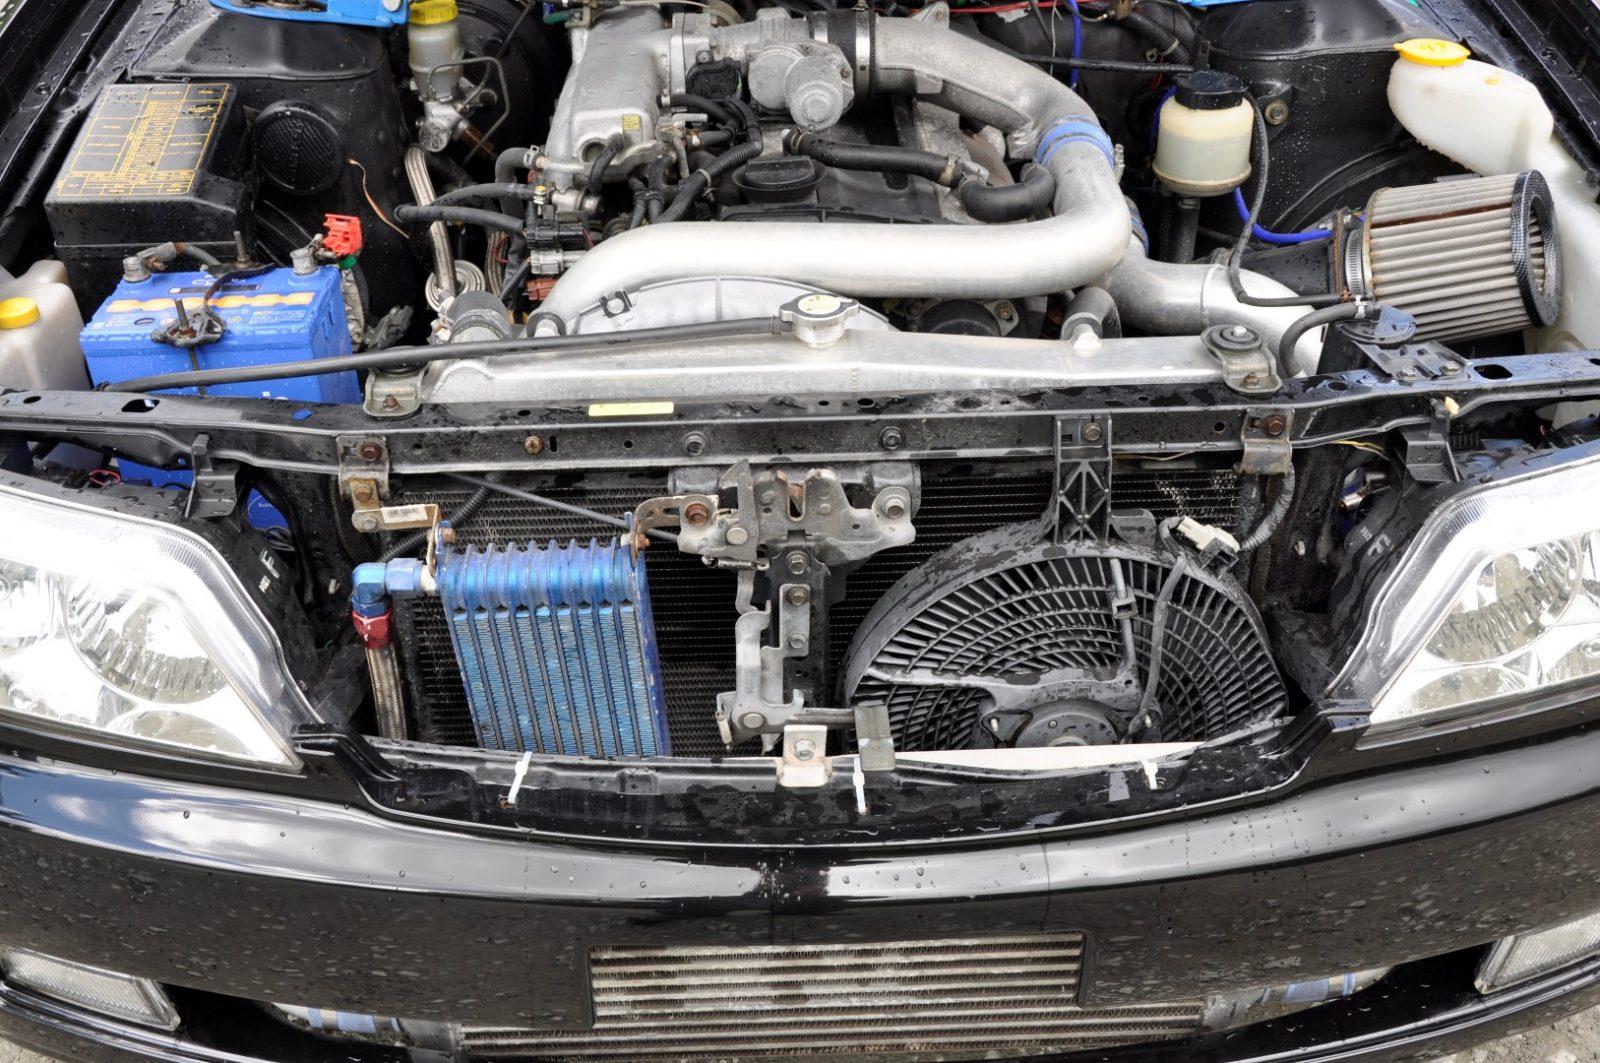 Nissan C35 Laurel Rb25det Jap Imports Uk